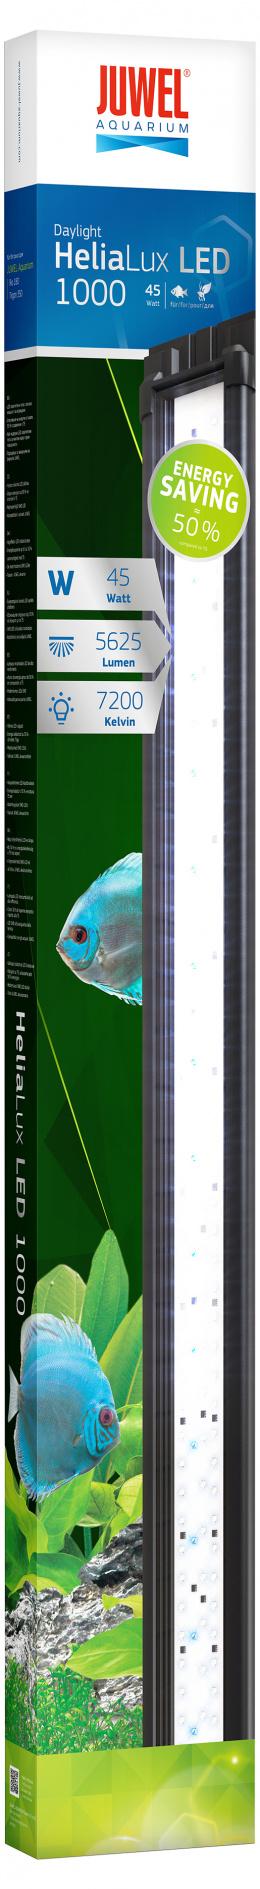 Лампа дневного света - Juwel Helia Lux LED 1000, 45 W